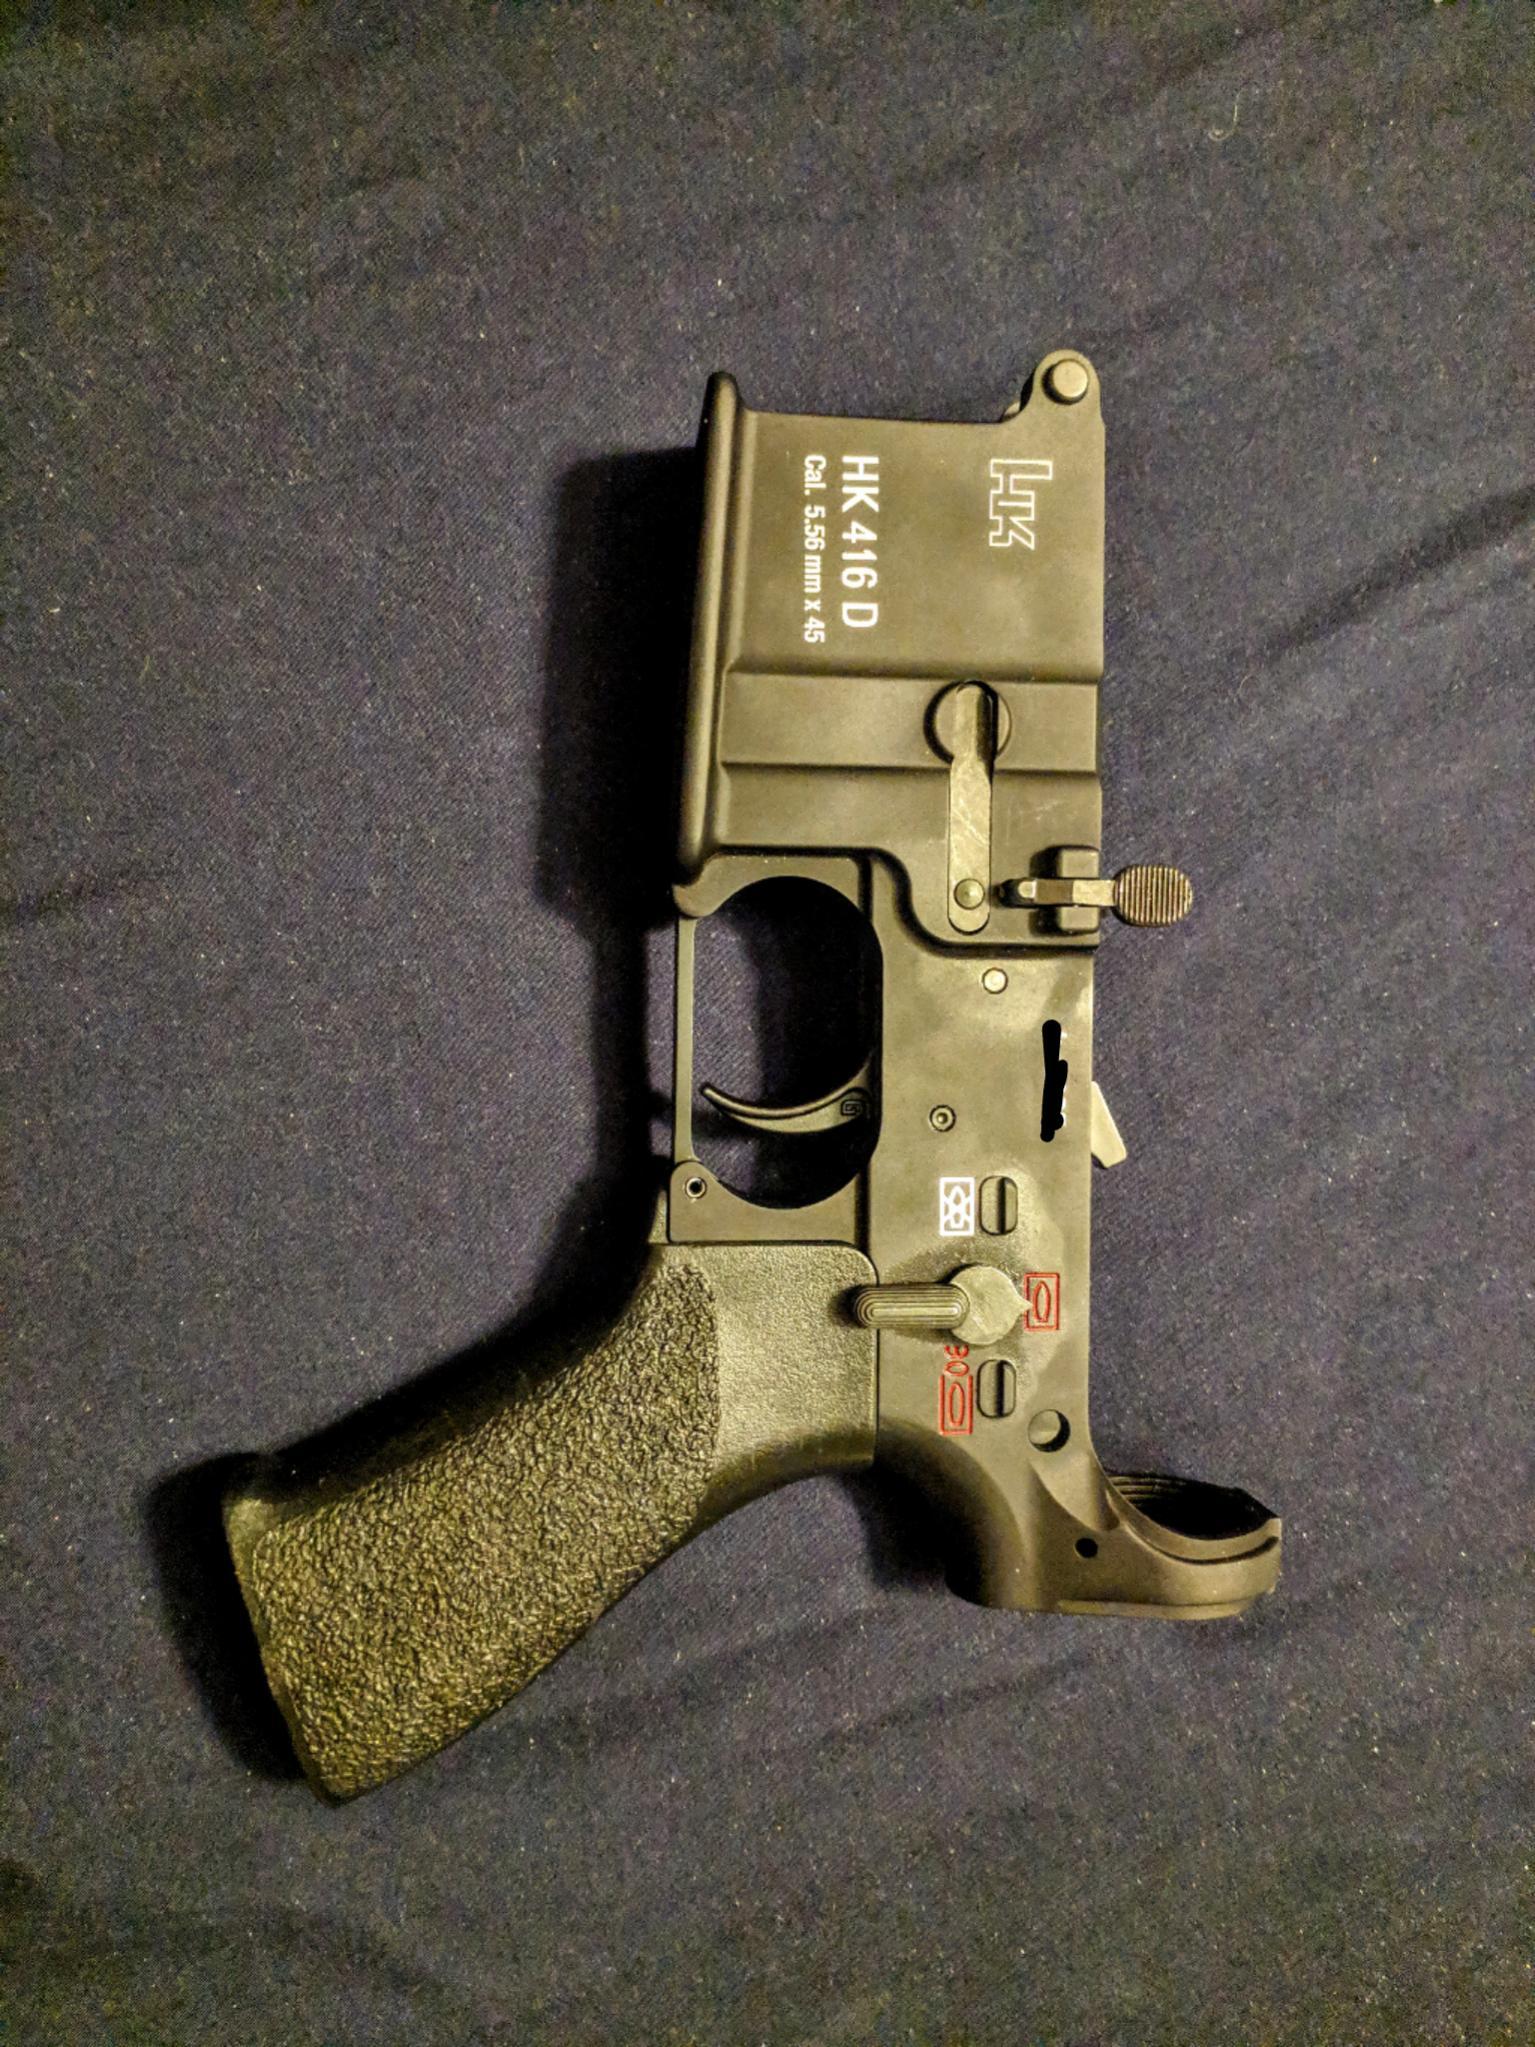 HK416 lower in need of engraving-img_20190304_175206.jpg